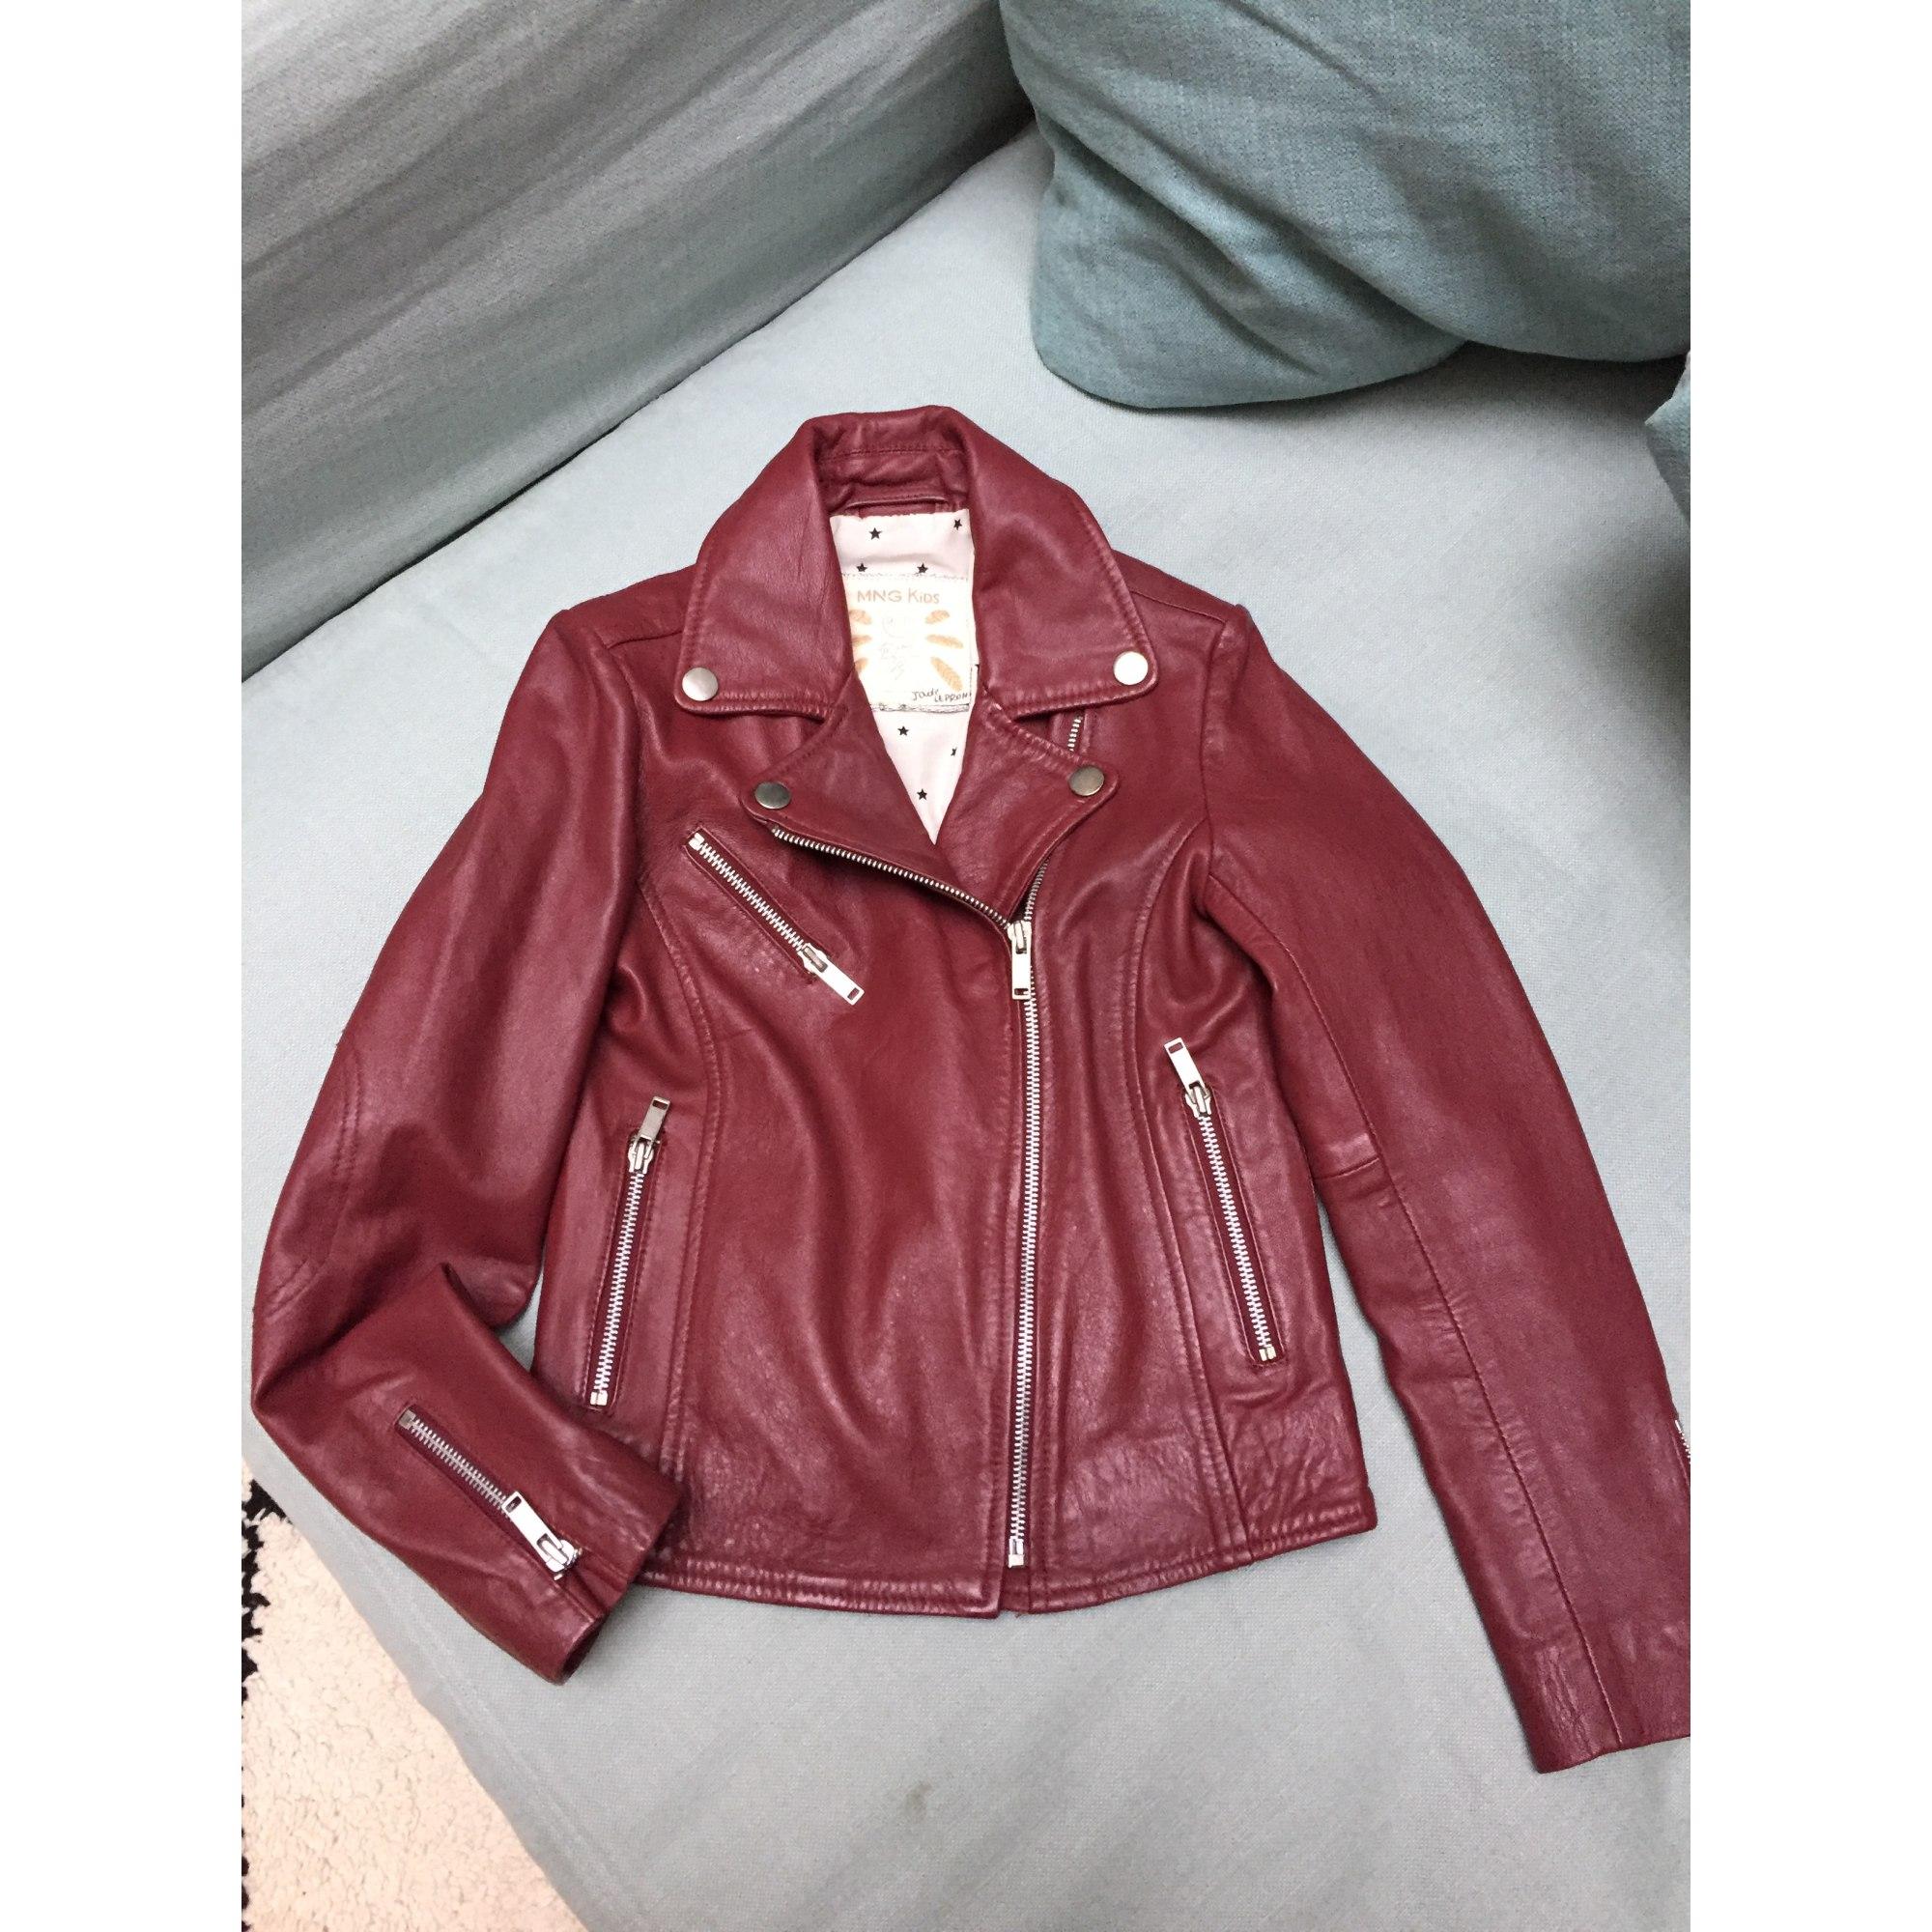 466d0c7a159ca Blouson en cuir MANGO KIDS 9-10 ans rouge vendu par Baby241 - 4686281